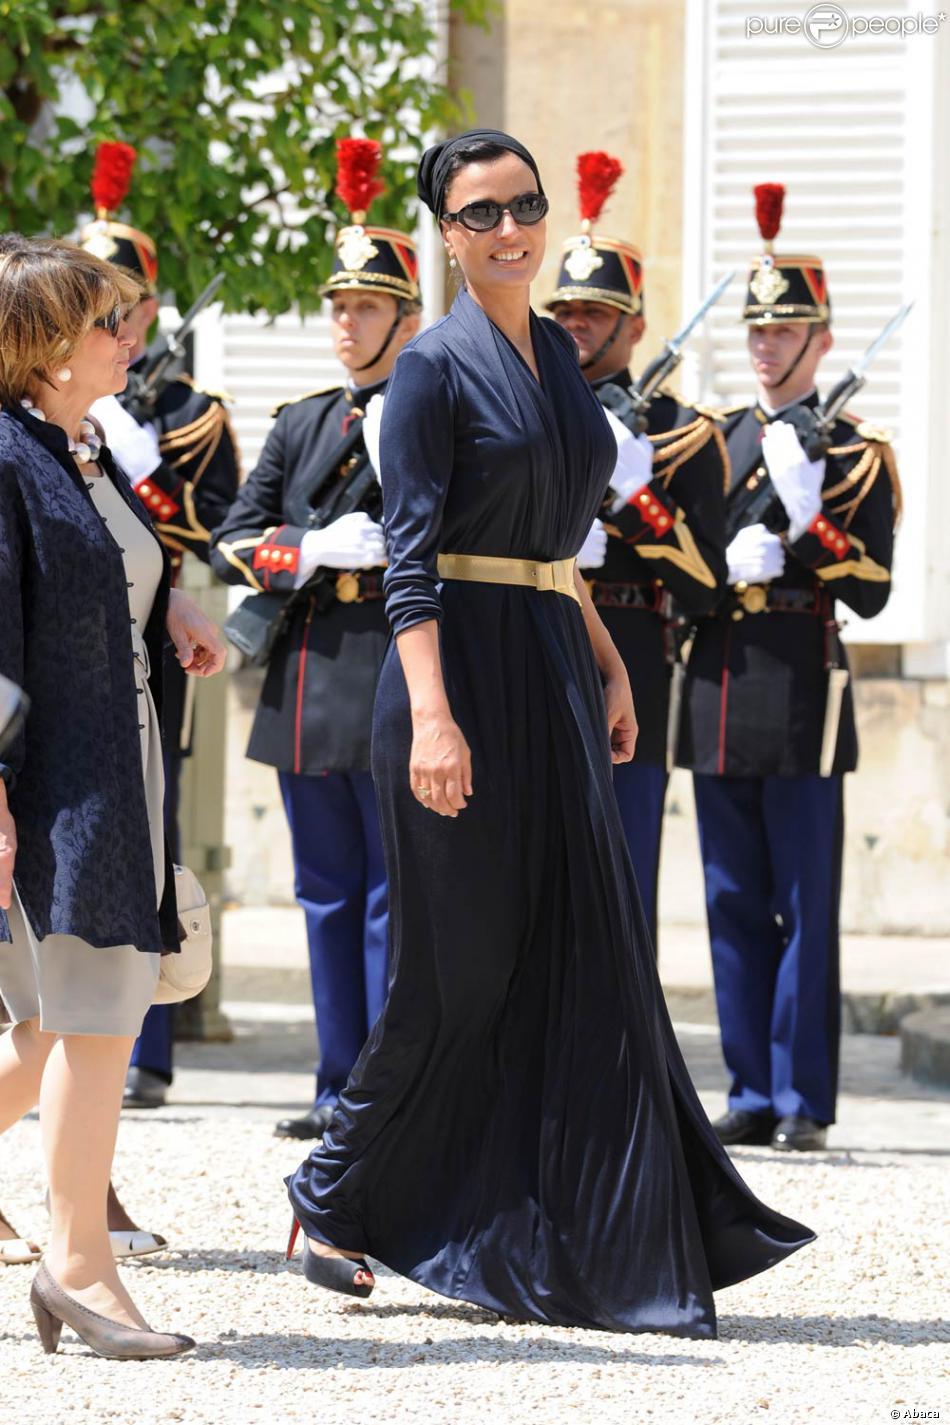 Sheikha Mozah Radieuse Juch E Sur Des Louboutin Et V Tue D 39 Une Belle Robe Bleu Marine